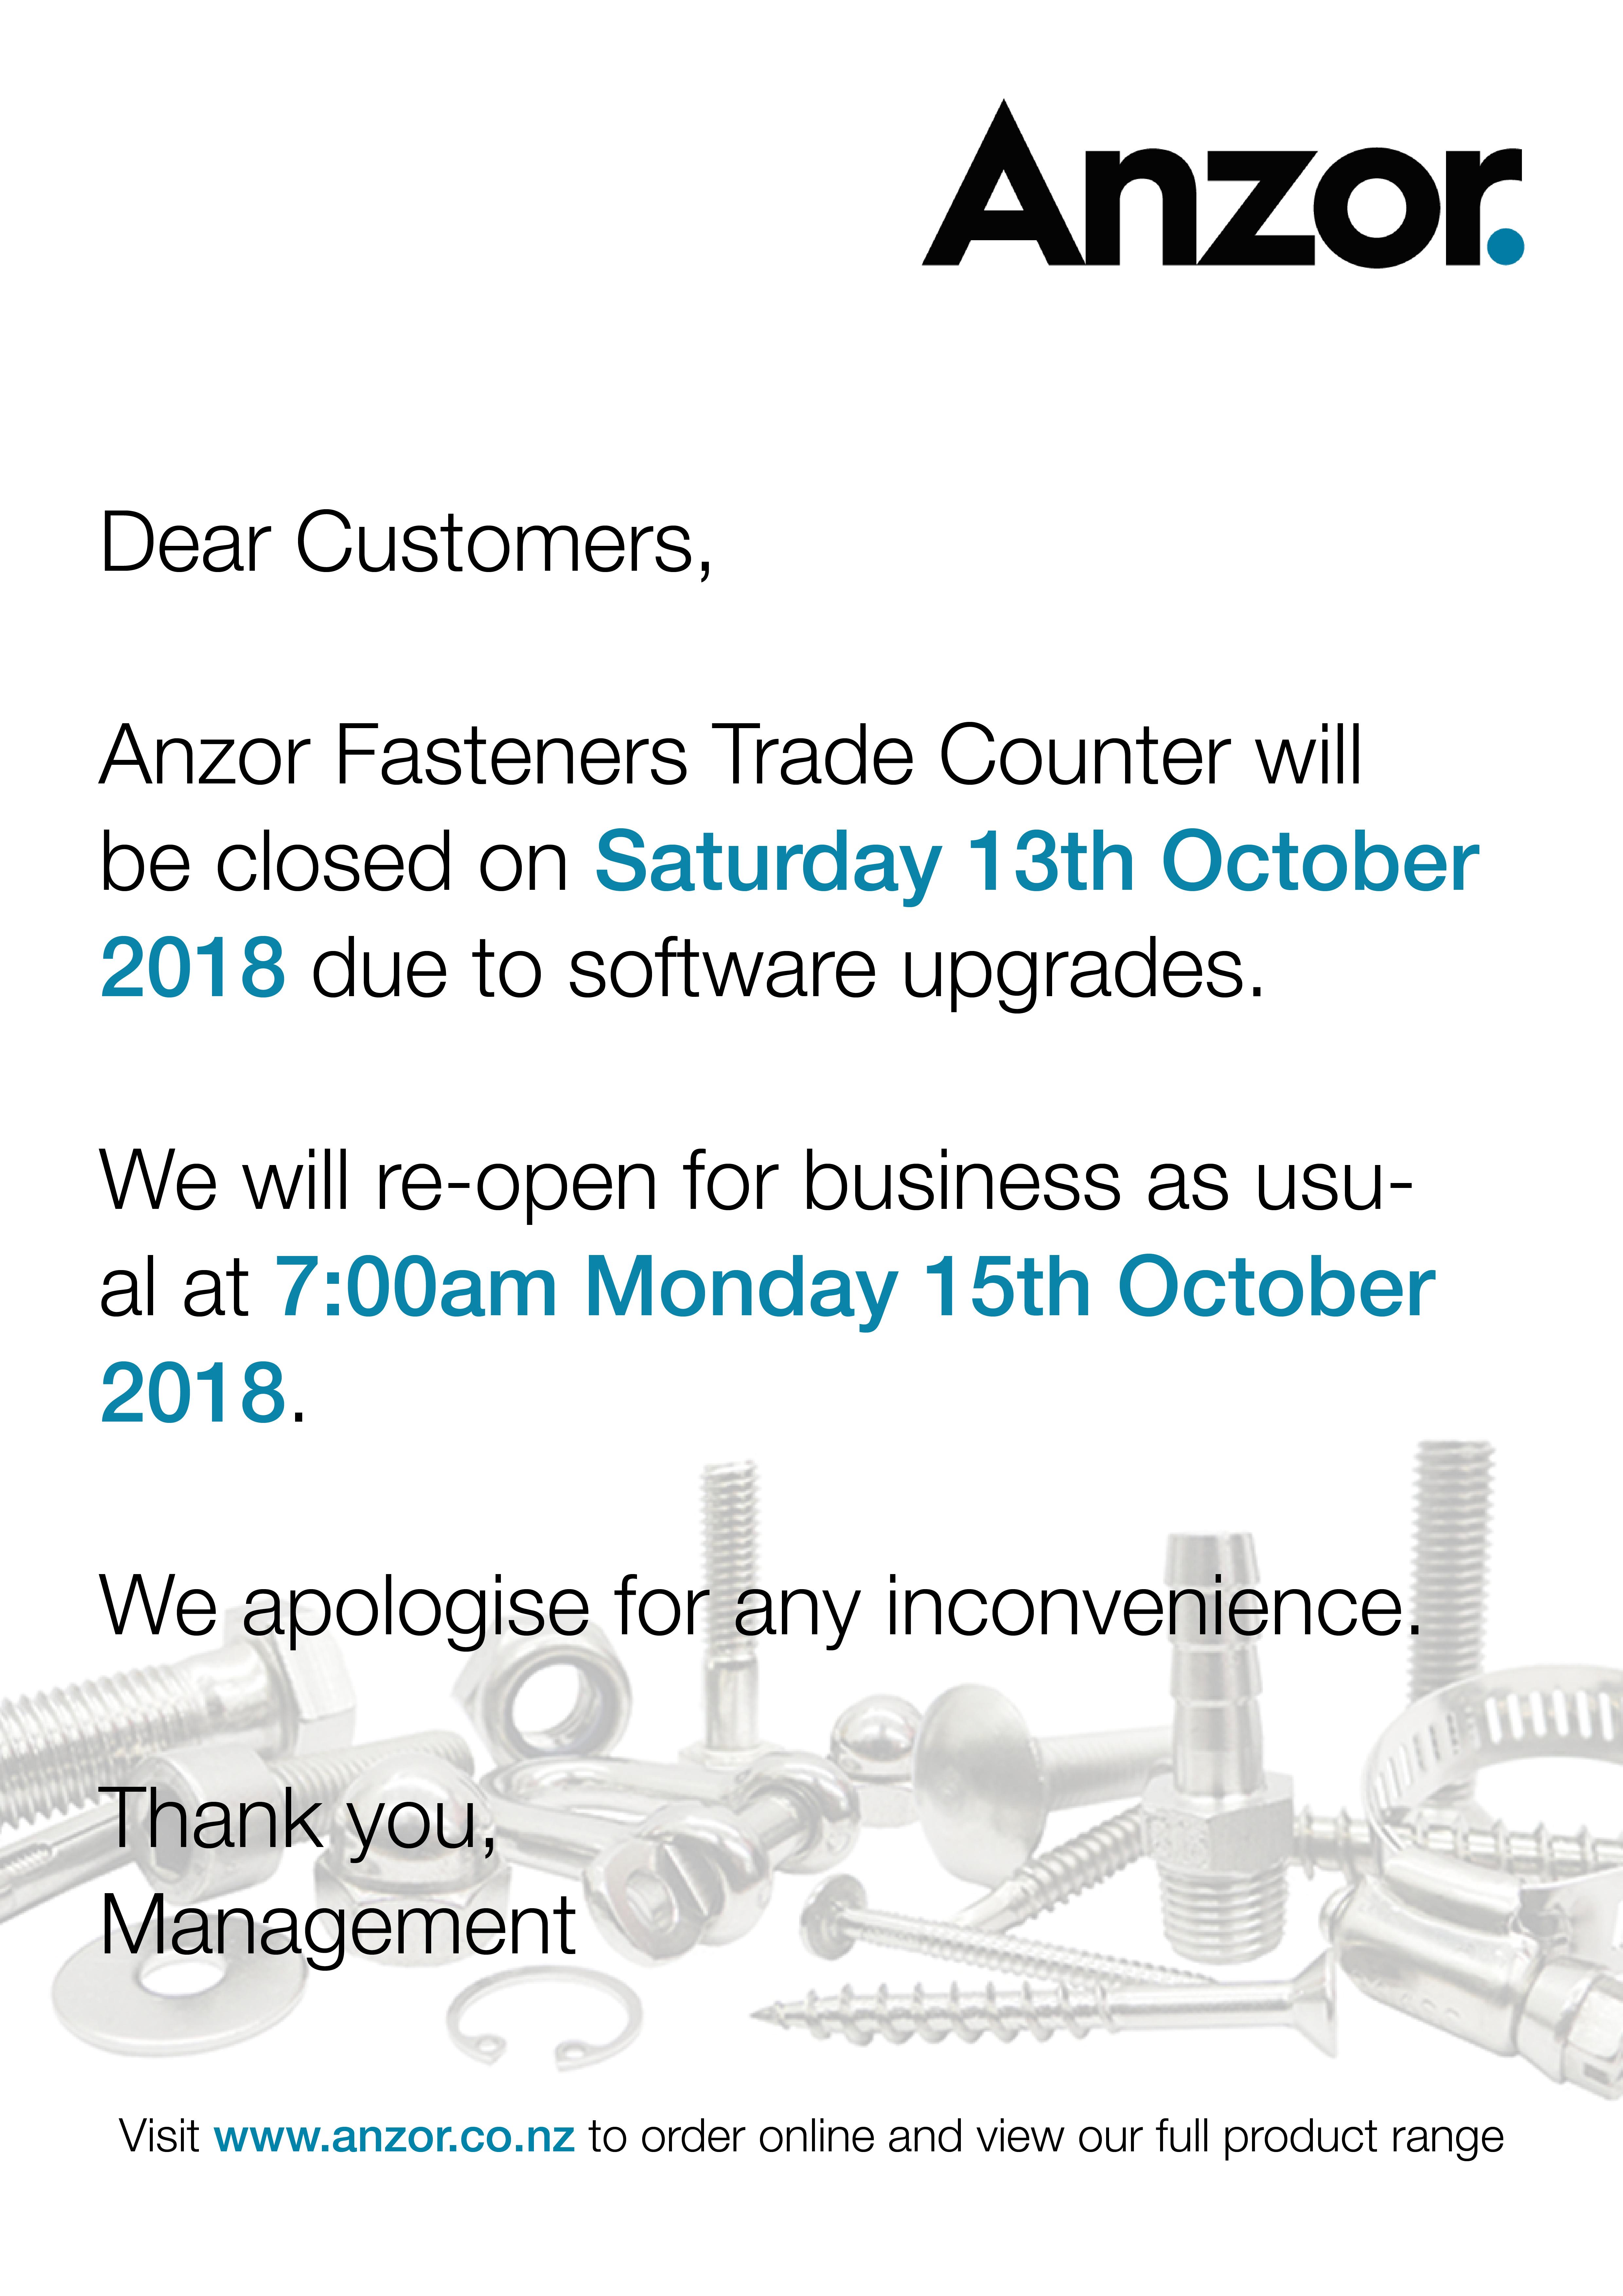 Saturday Closure